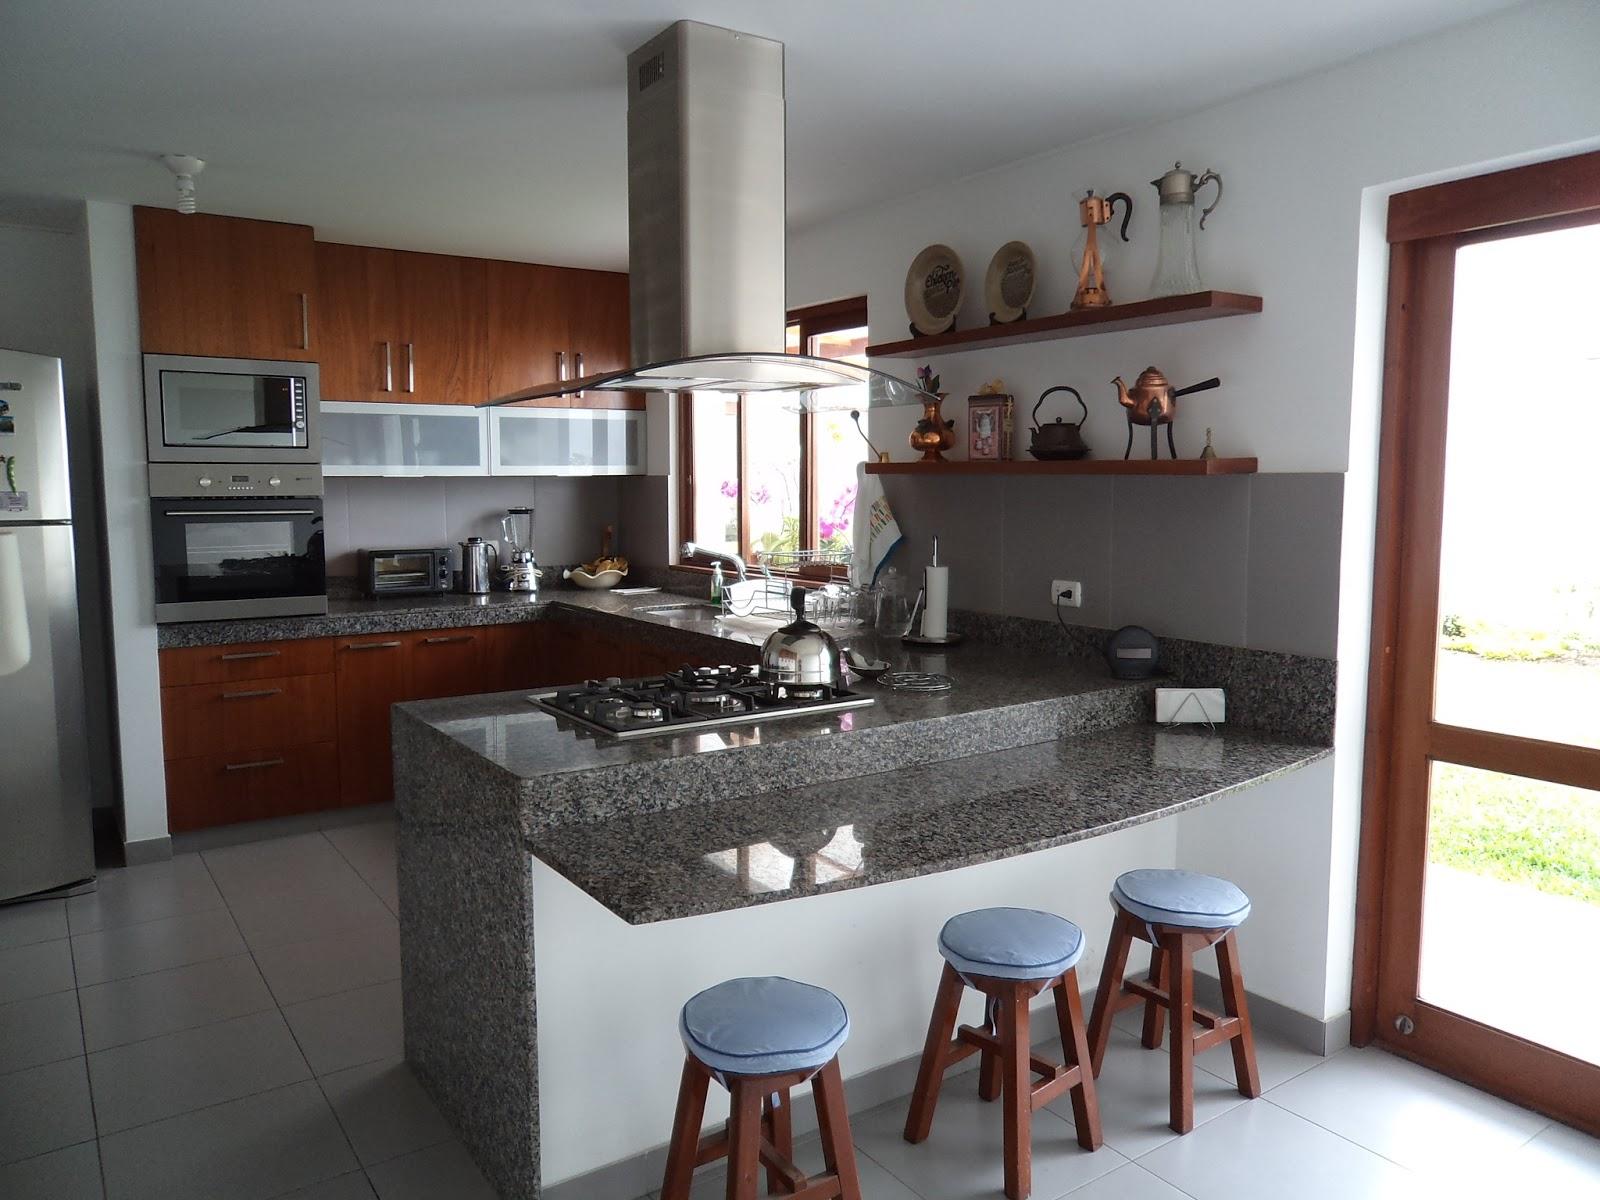 Oniria dise o y construcci n de cocinas for Remodelacion de cocinas pequenas